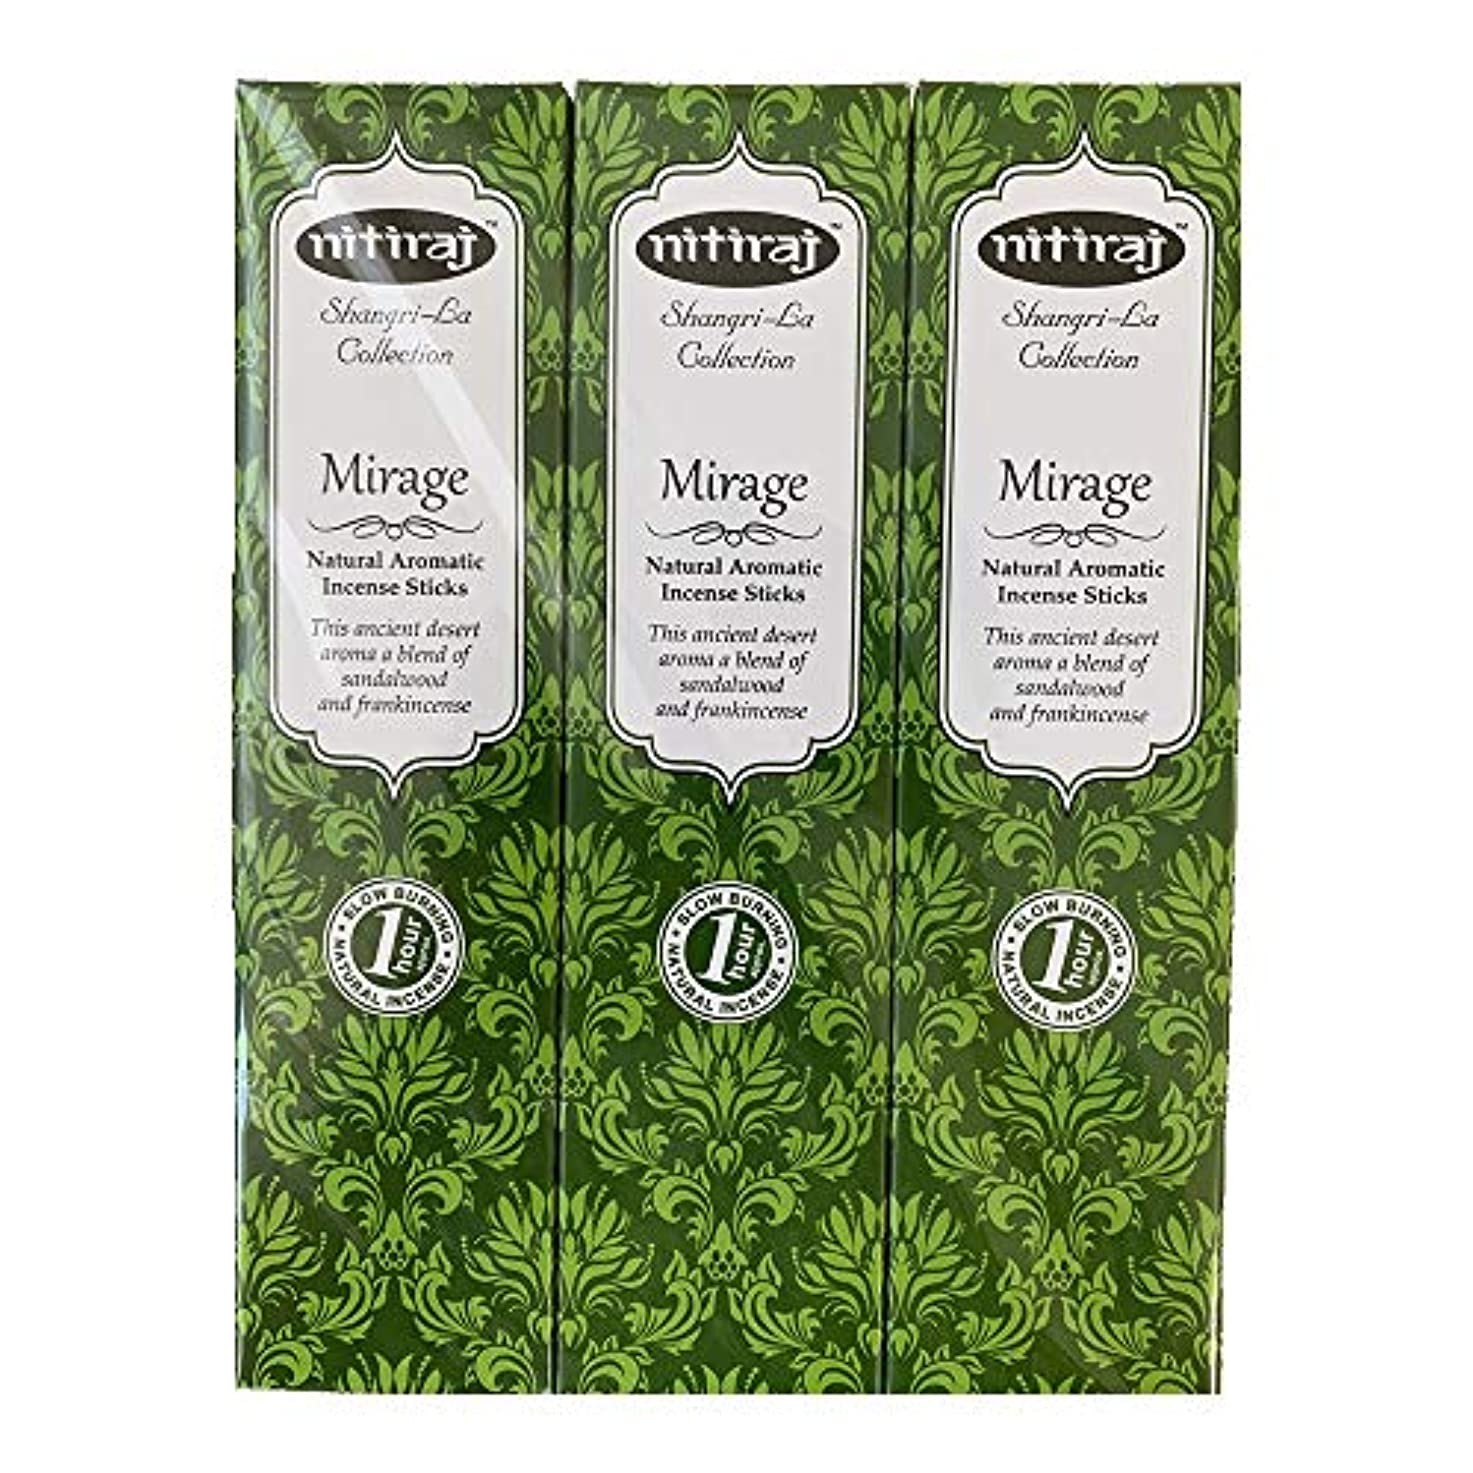 軽減する帽子限りなくお香 アロマインセンス Nitiraj(ニティラジ)Mirage(蜃気楼) 3箱セット(30本/1箱10本入り)100%天然素材